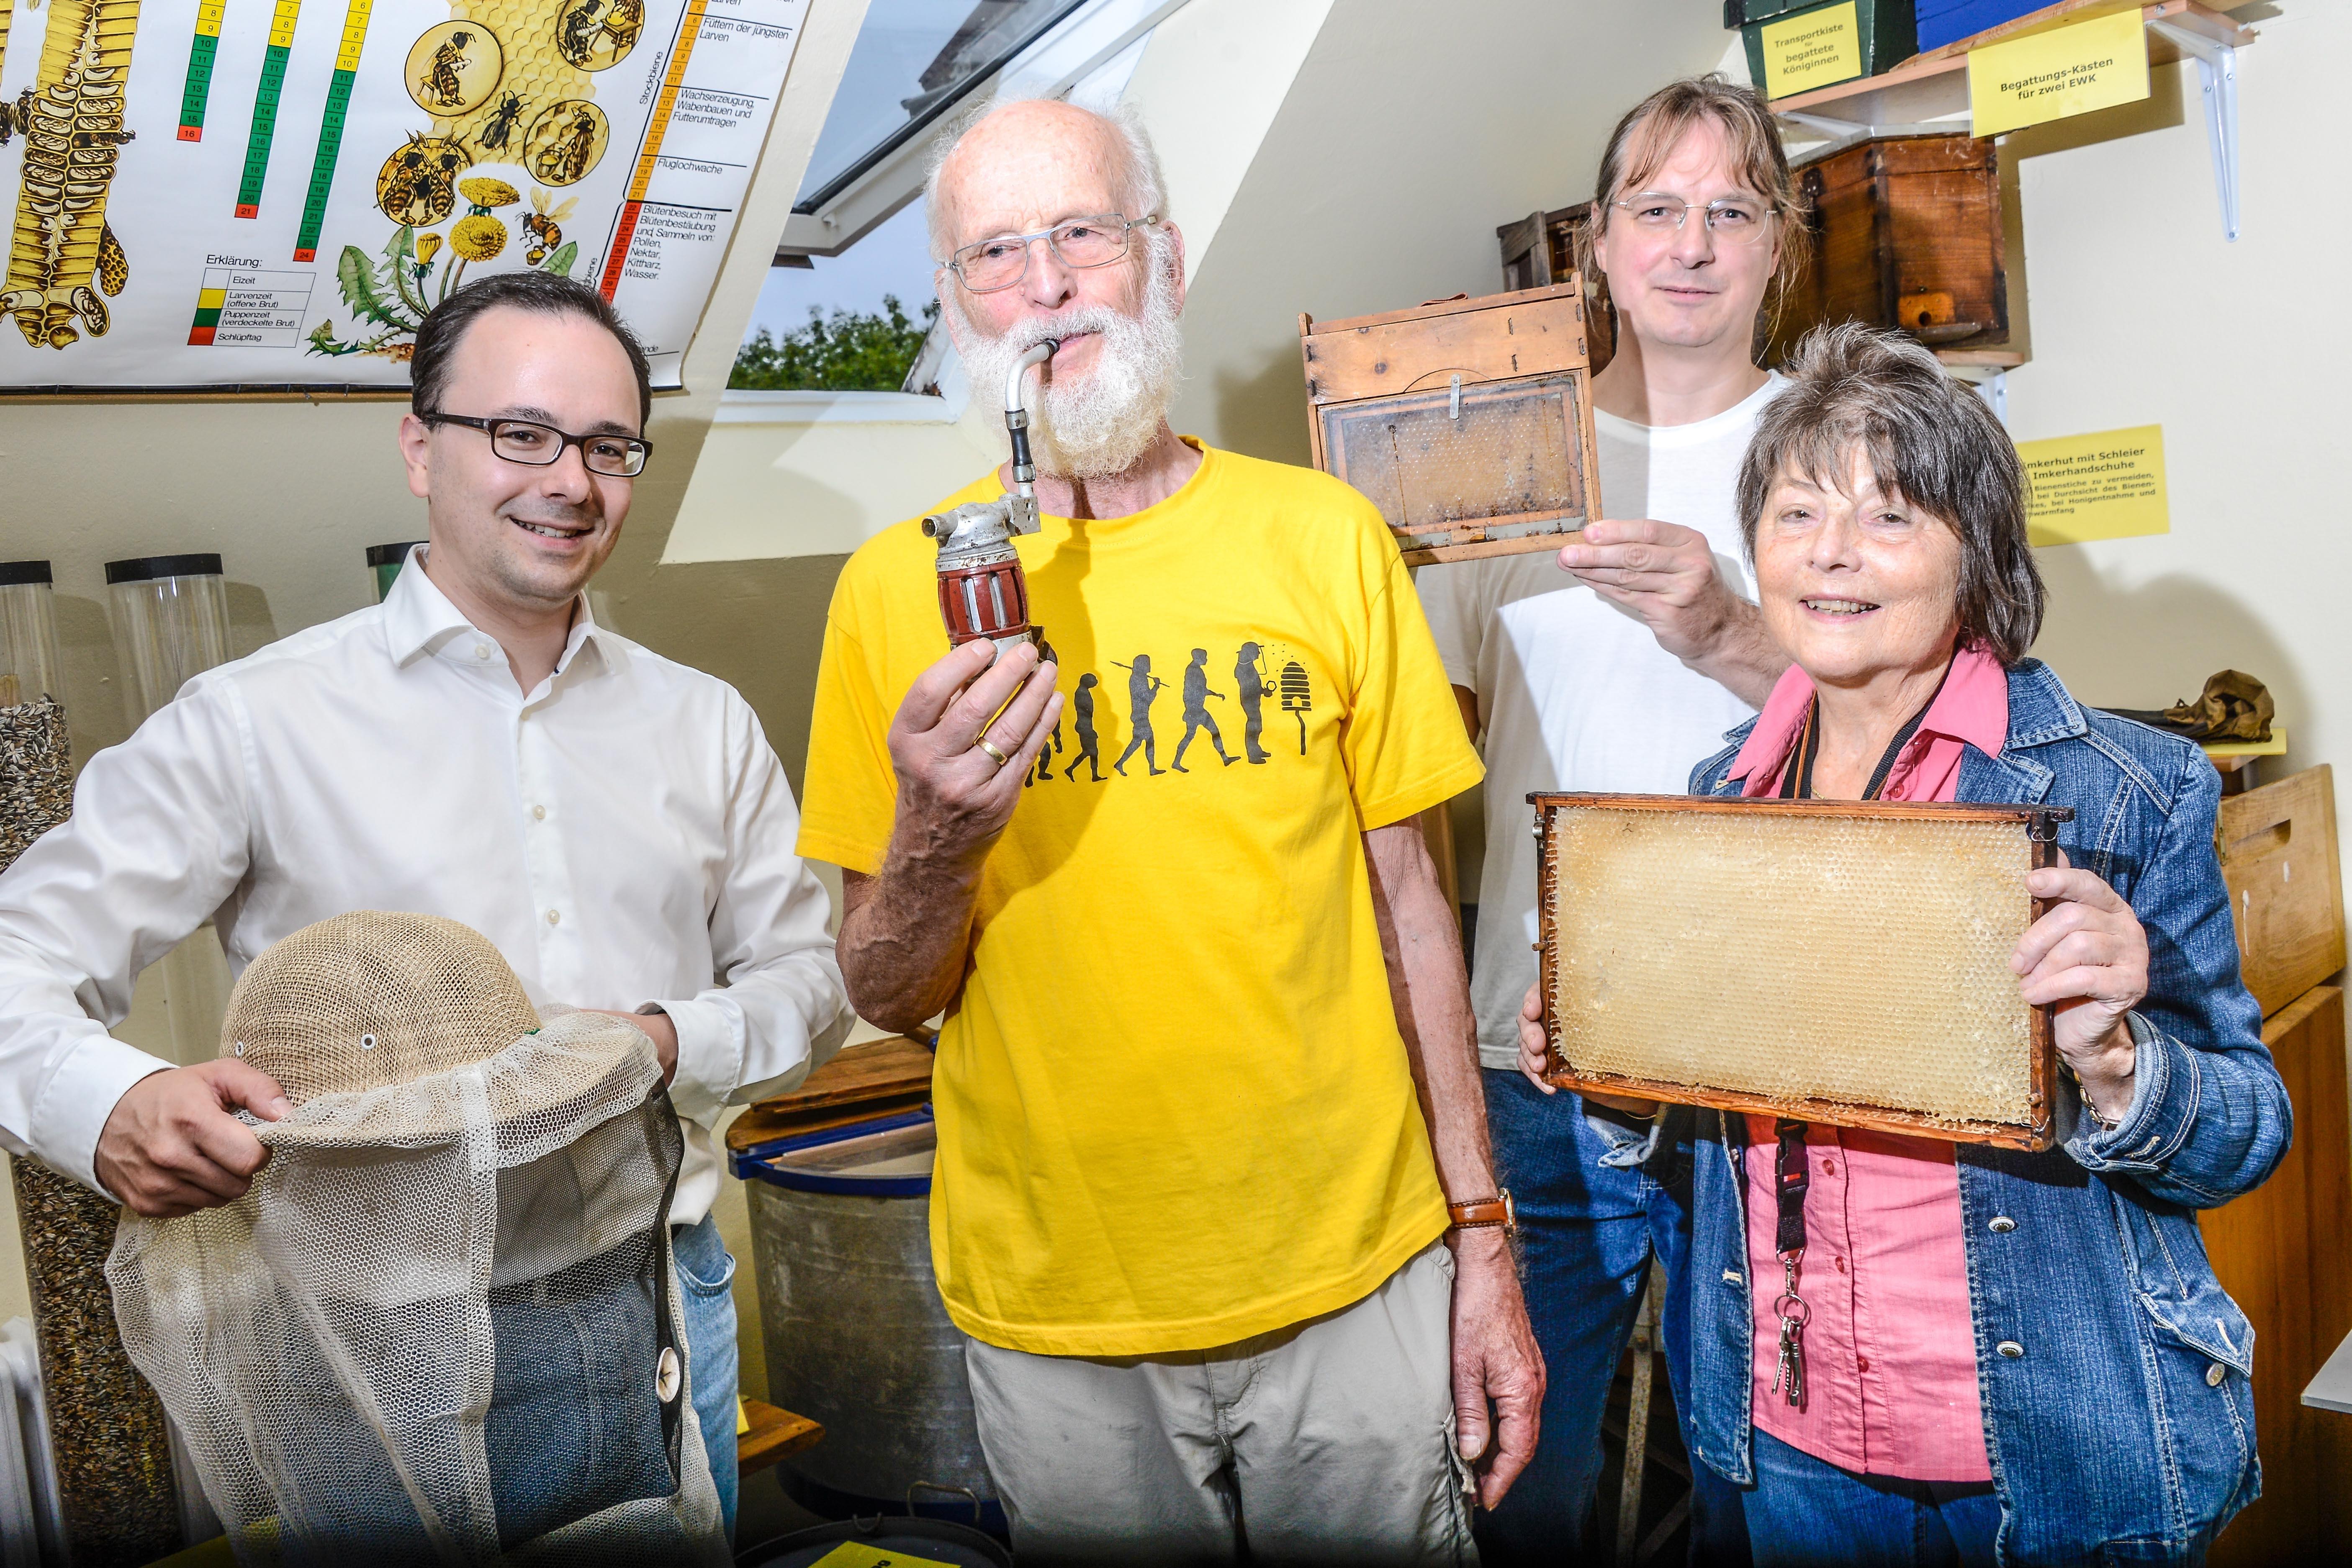 Robert Tuchel, Wolfgang Fleischbein, Dr. Andreas Gottschalk und Gisela Winkler (Bild: Thomas Schubert)